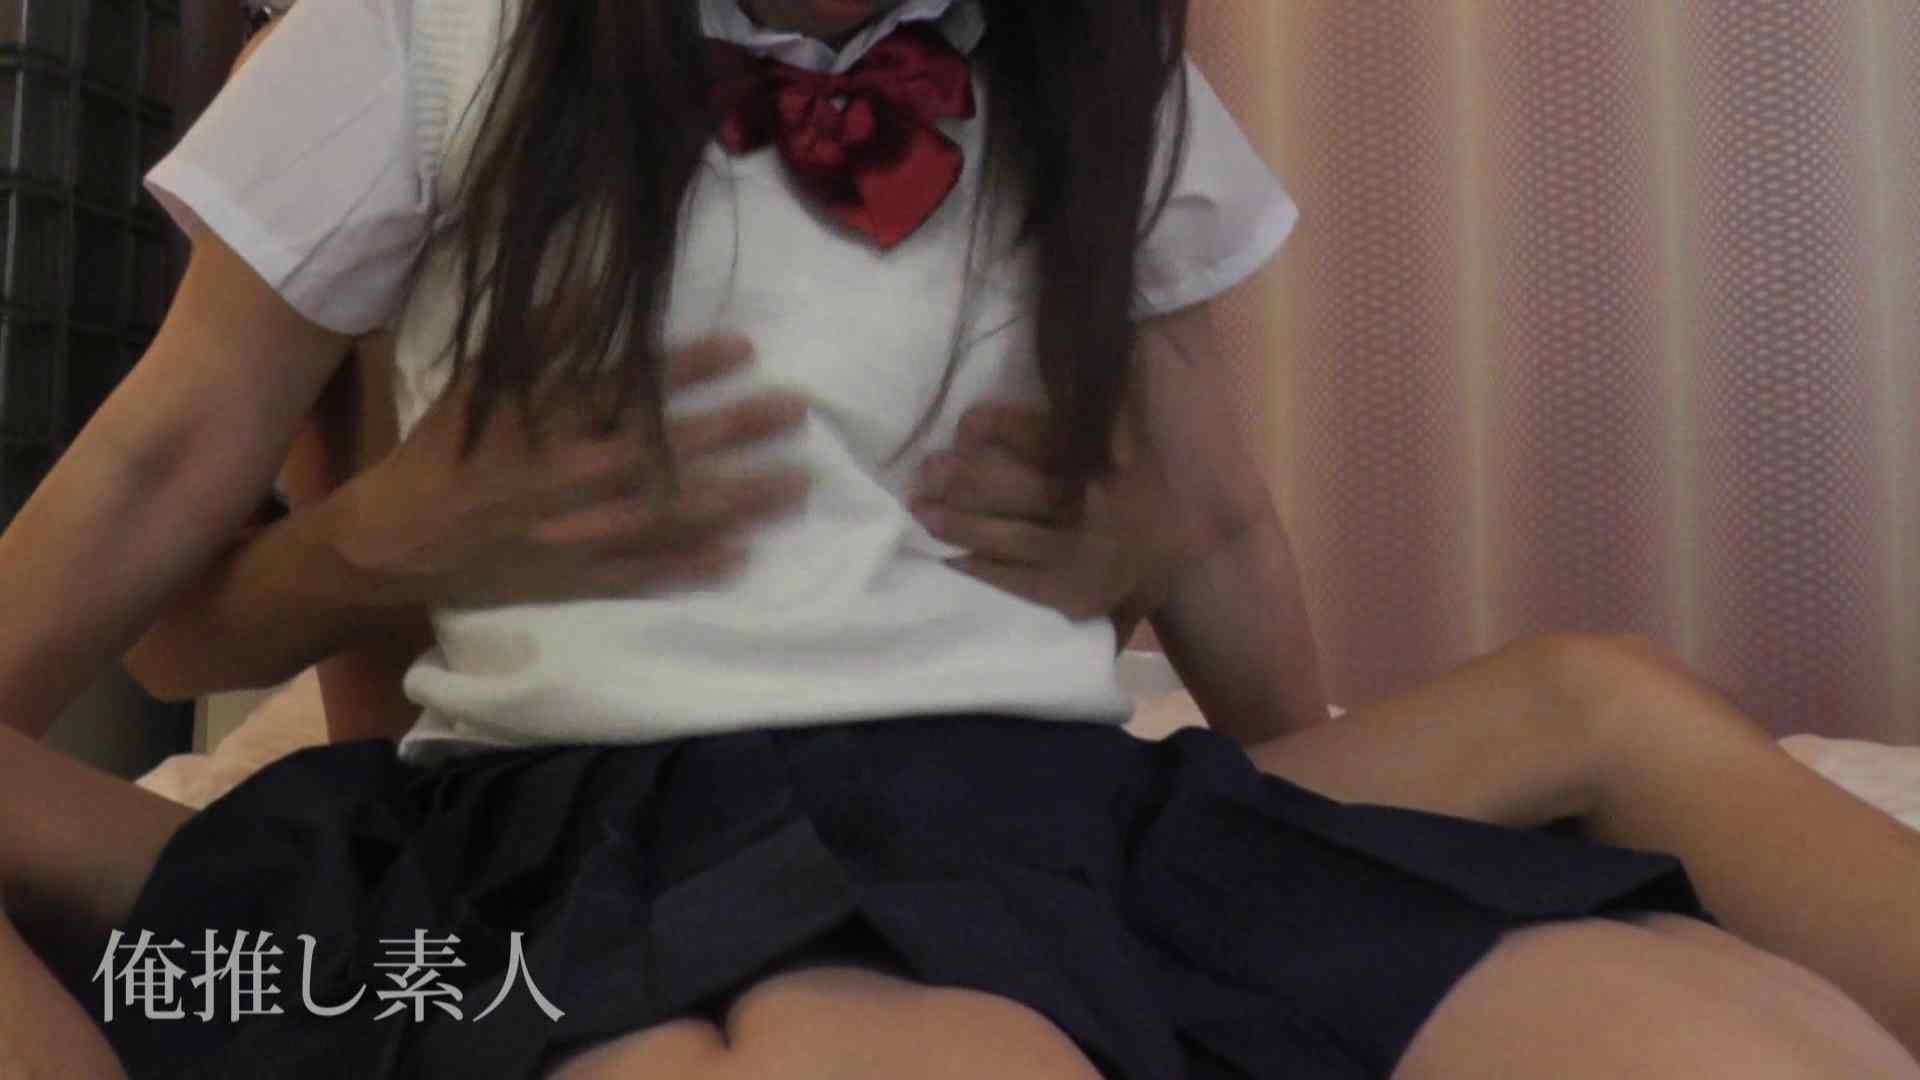 俺推し素人 EカップシングルマザーOL30歳瑤子vol4 エッチなOL オマンコ動画キャプチャ 52pic 17